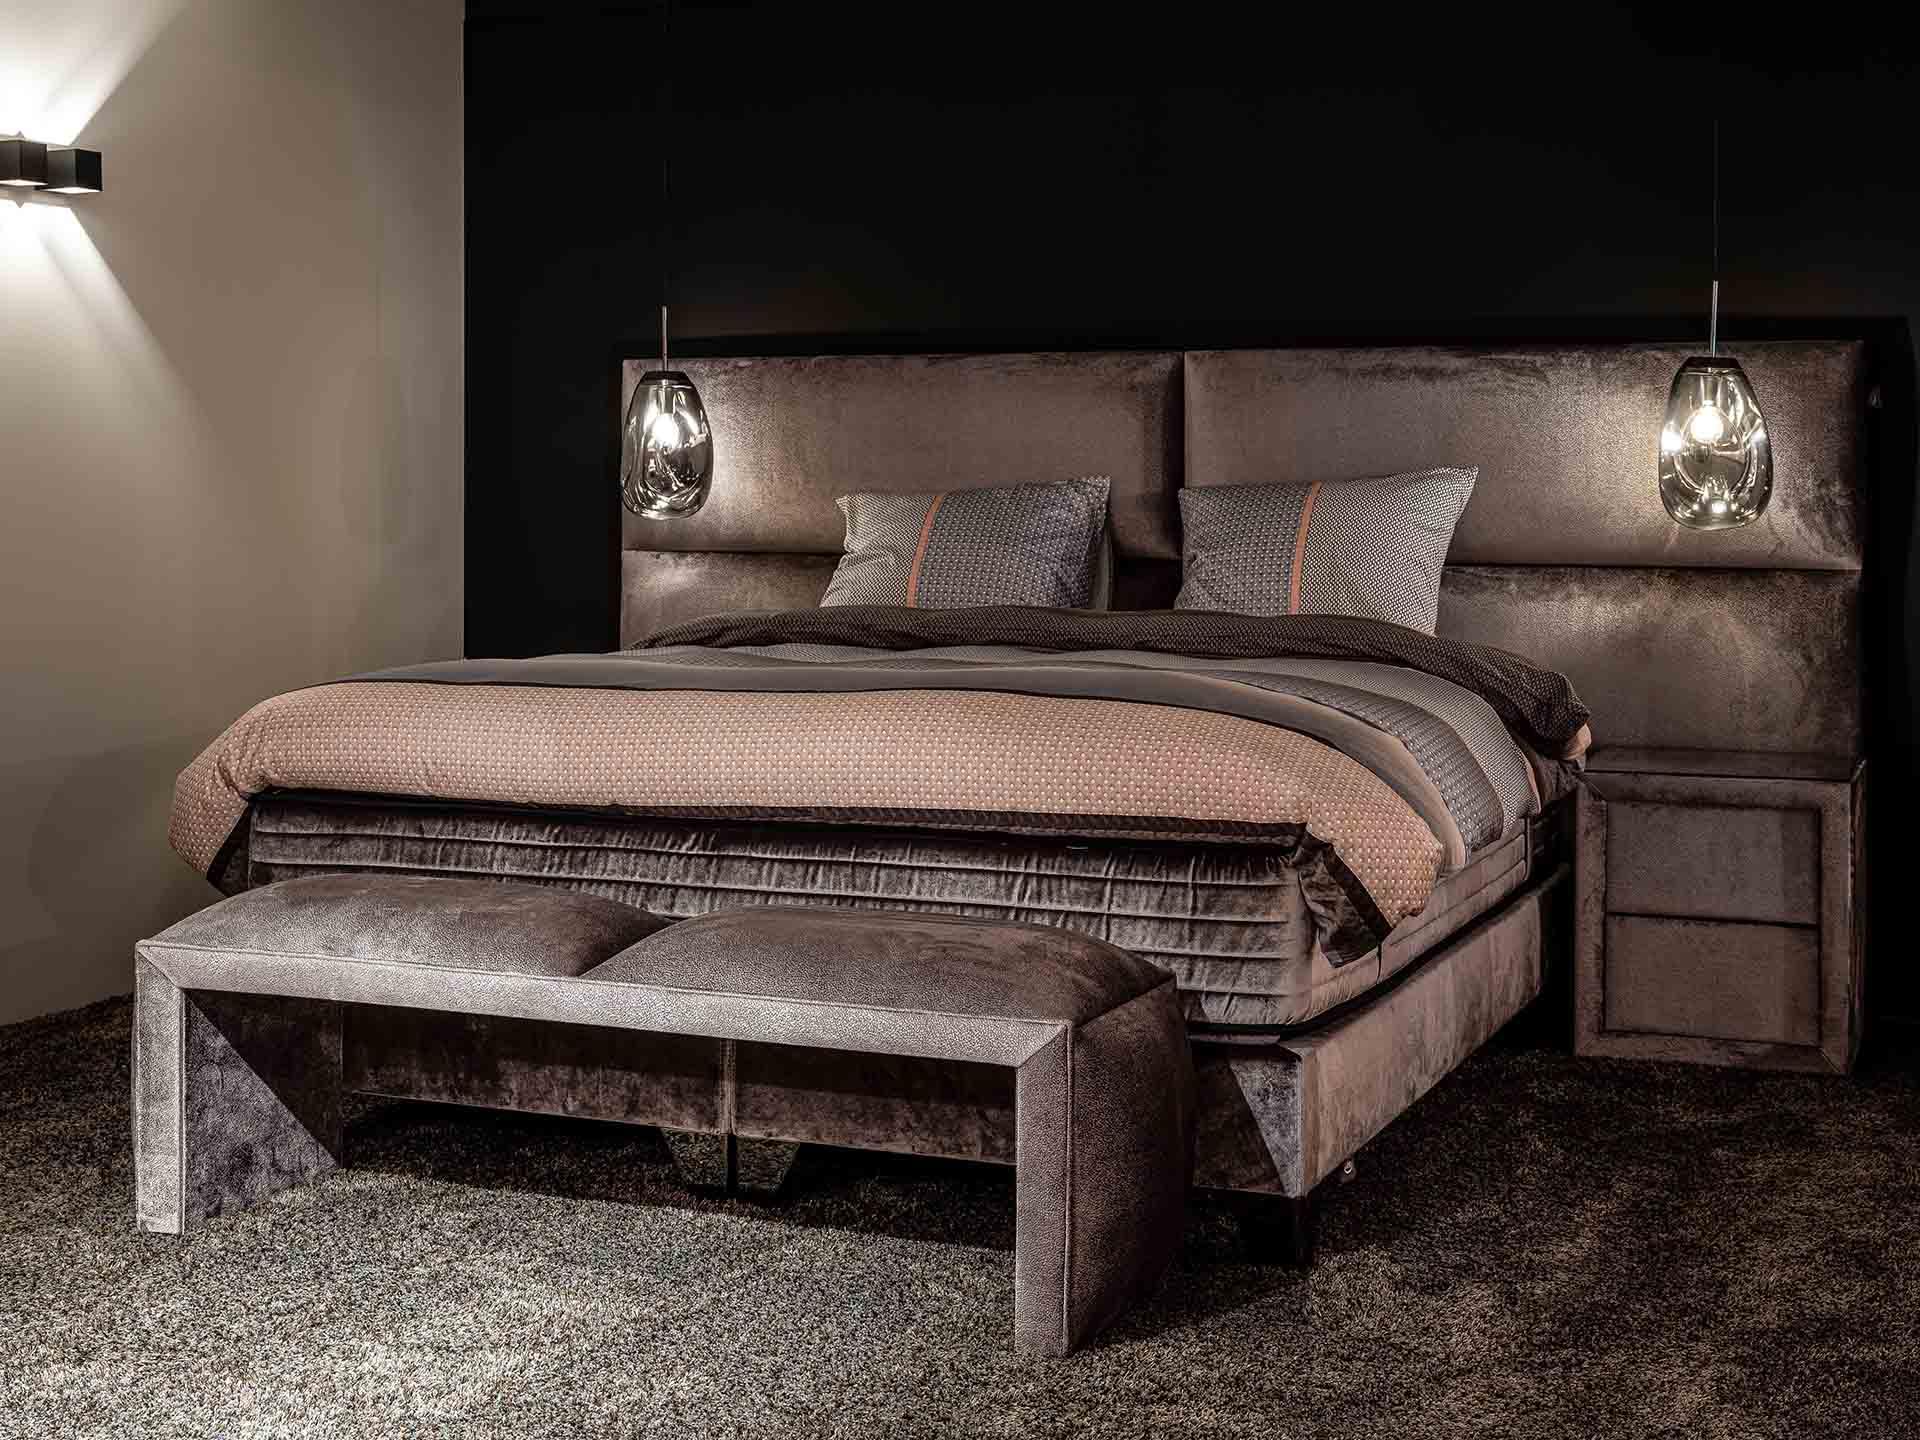 Inspiratie voor een hotel chique slaapkamer